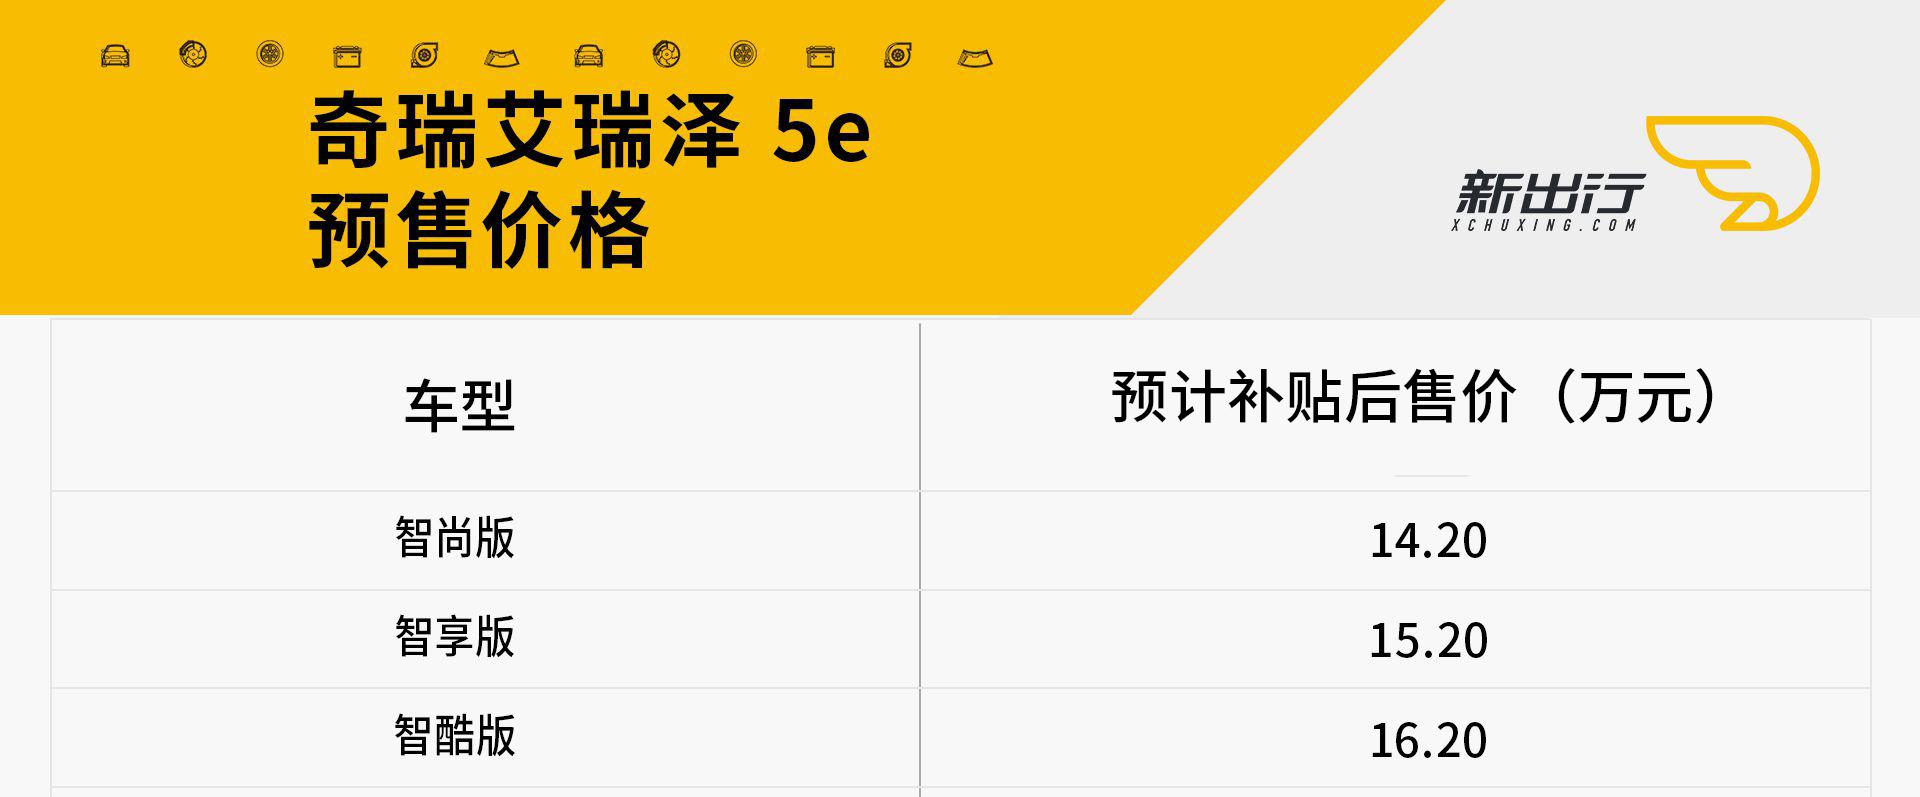 艾瑞泽5e_预售价格表.jpg